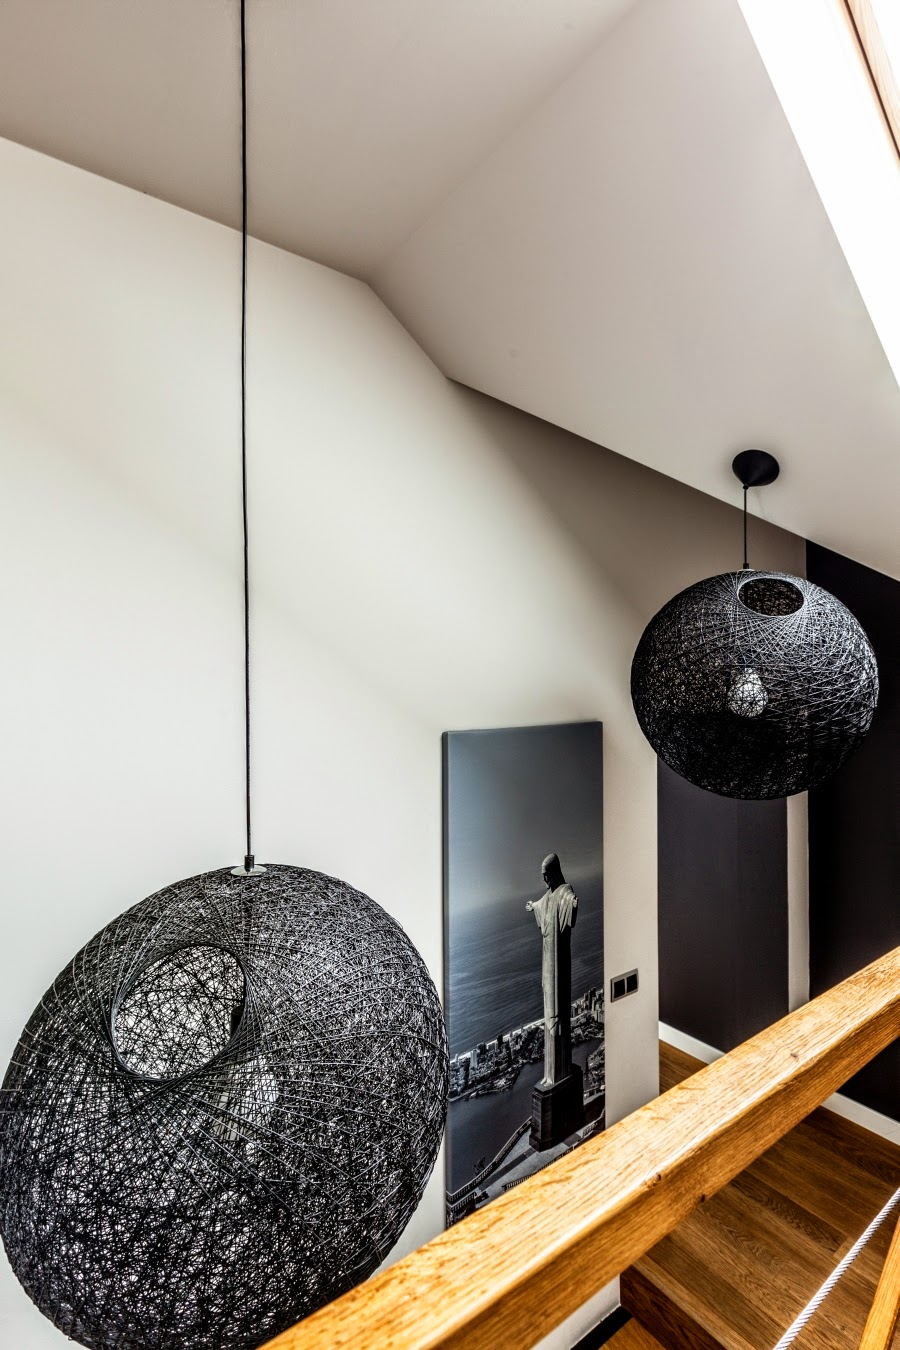 wnętrza, wystrój wnętrz, dom, mieszkanie, aranżacja, home decor, dekoracje, styl nowoczesny, biel i czerń, lampy, schody